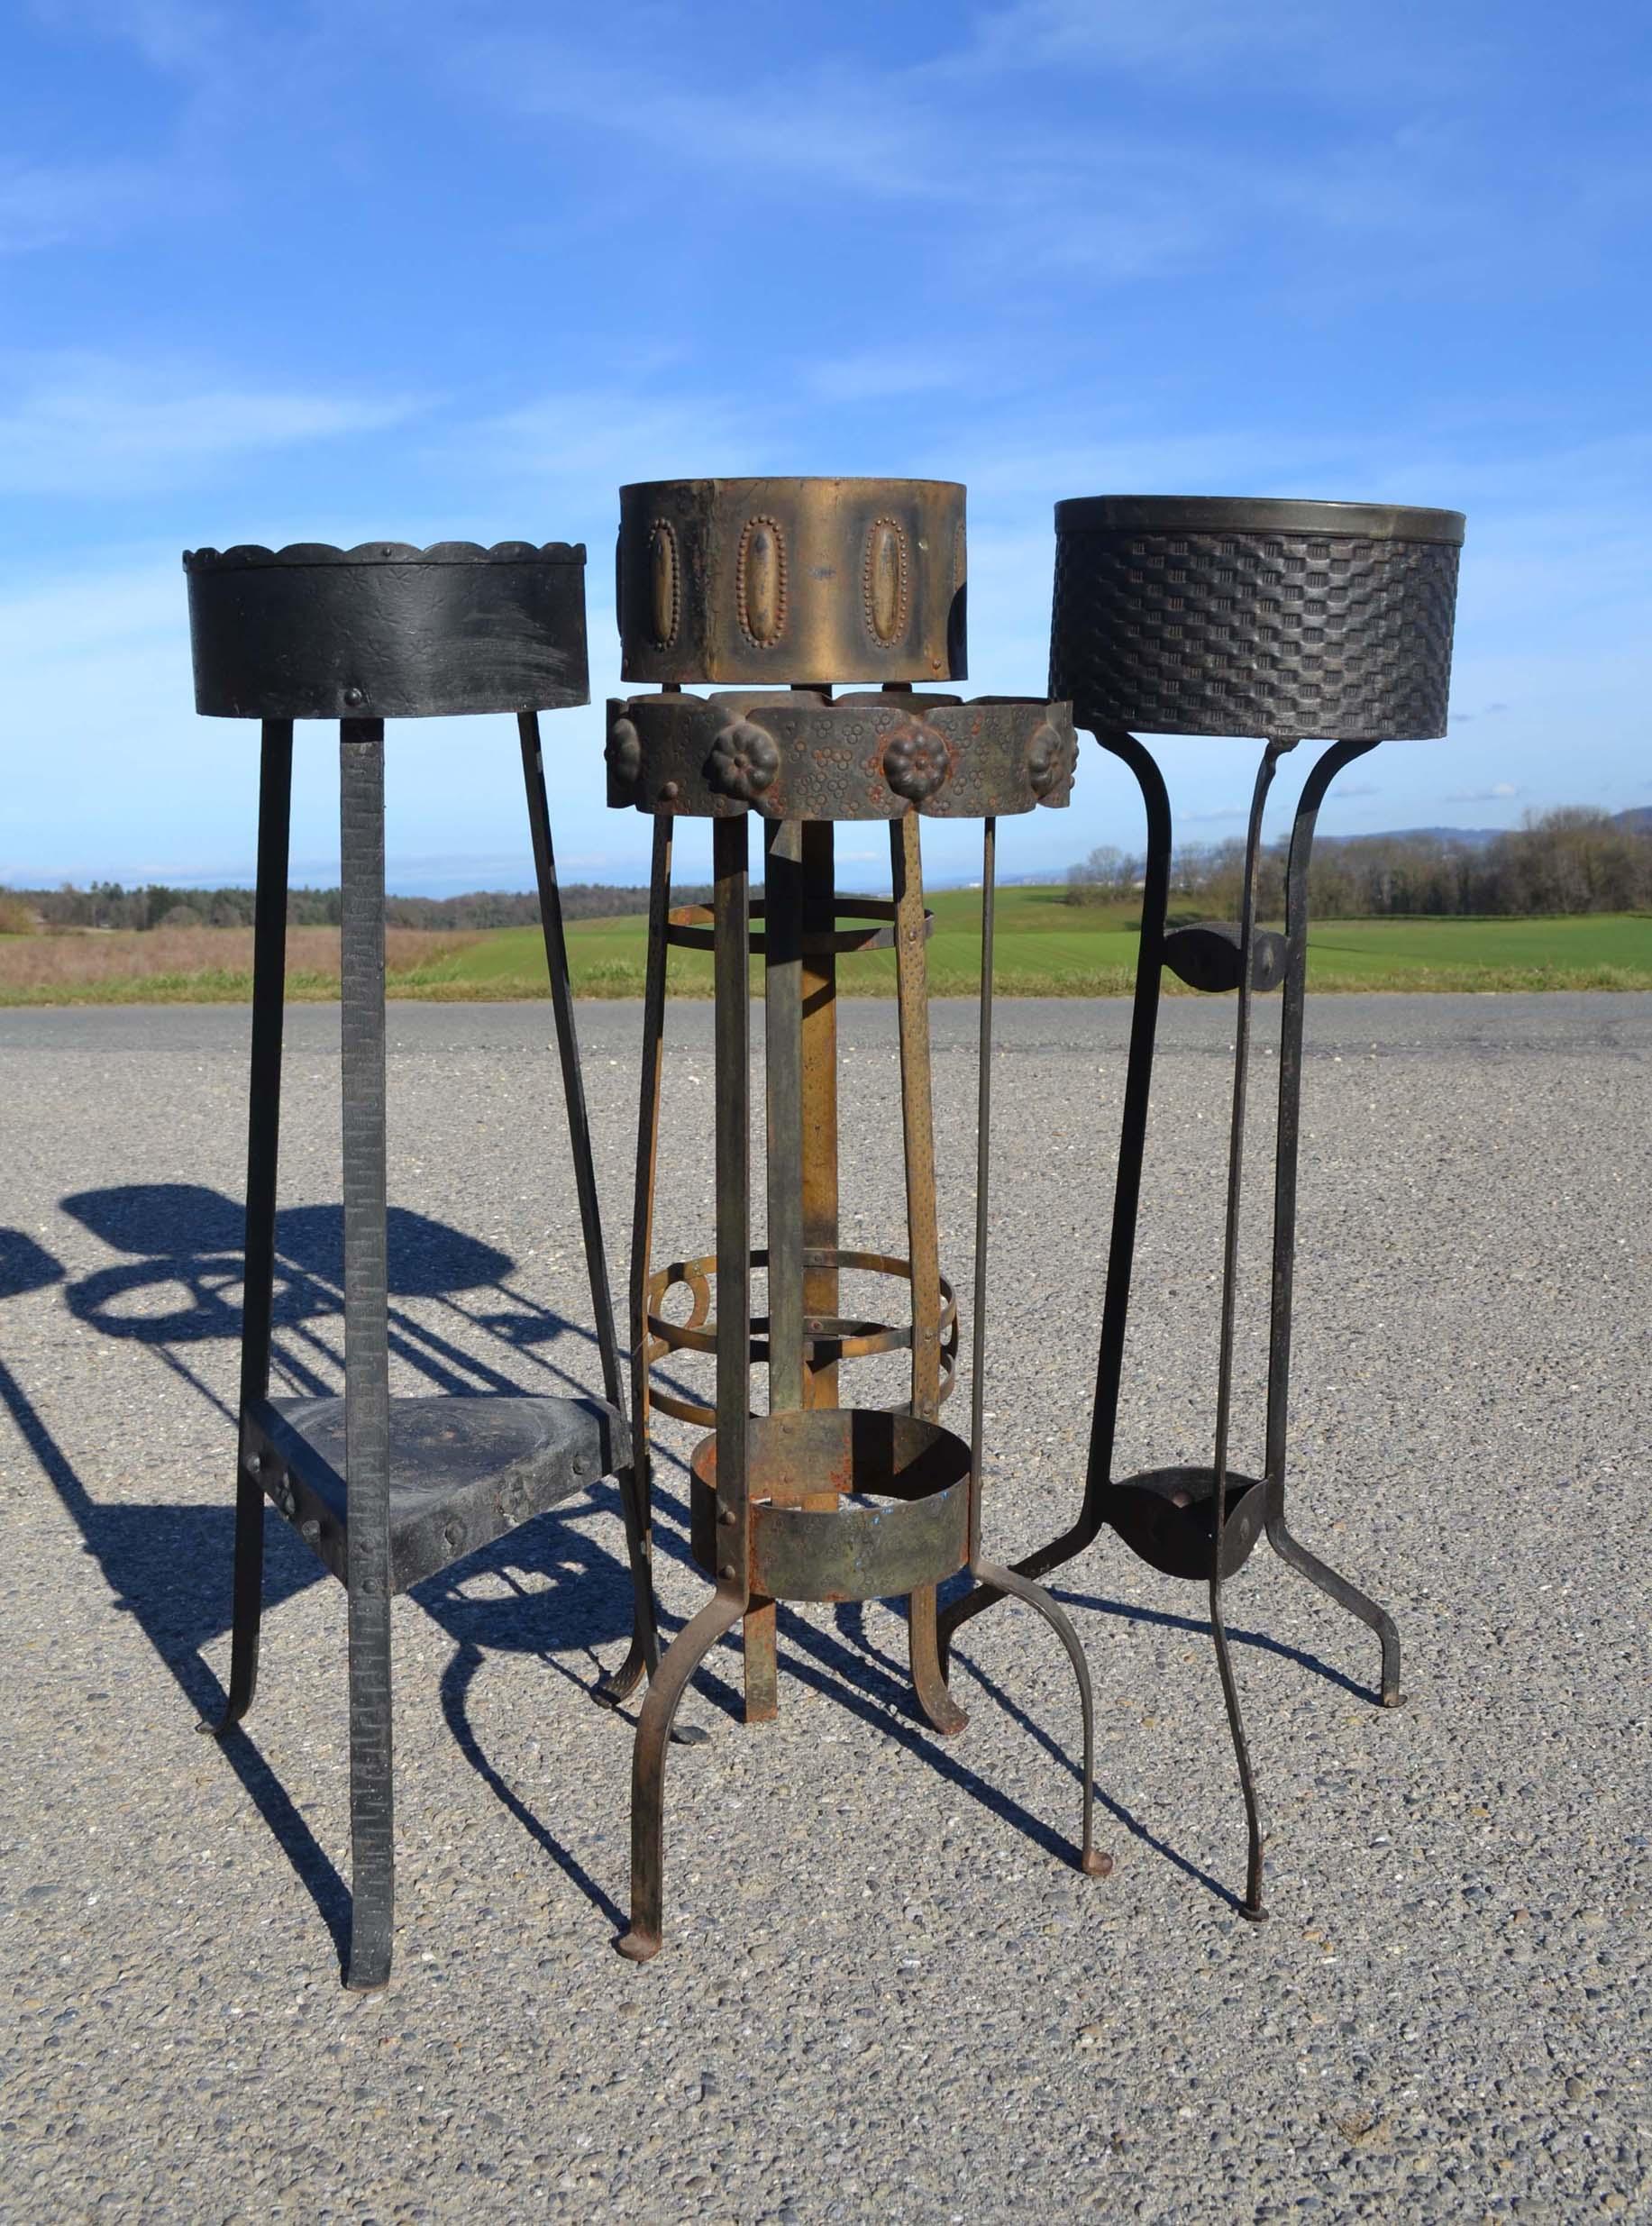 mobilier de jardin ancien et objets en fer brocante d co jardin. Black Bedroom Furniture Sets. Home Design Ideas